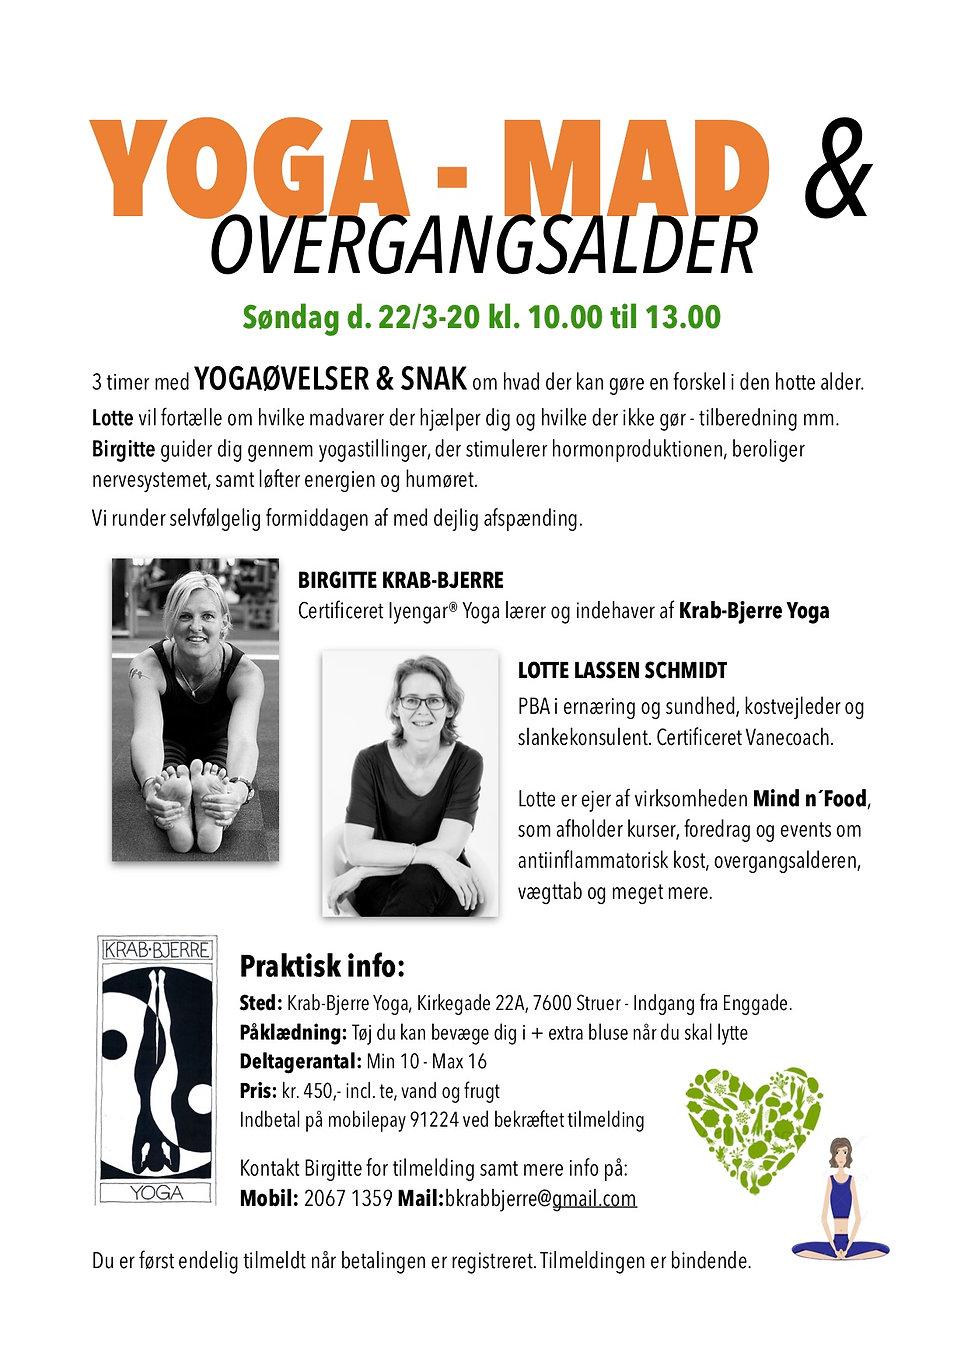 Yoga, mad & overgangsalder 2020.jpg